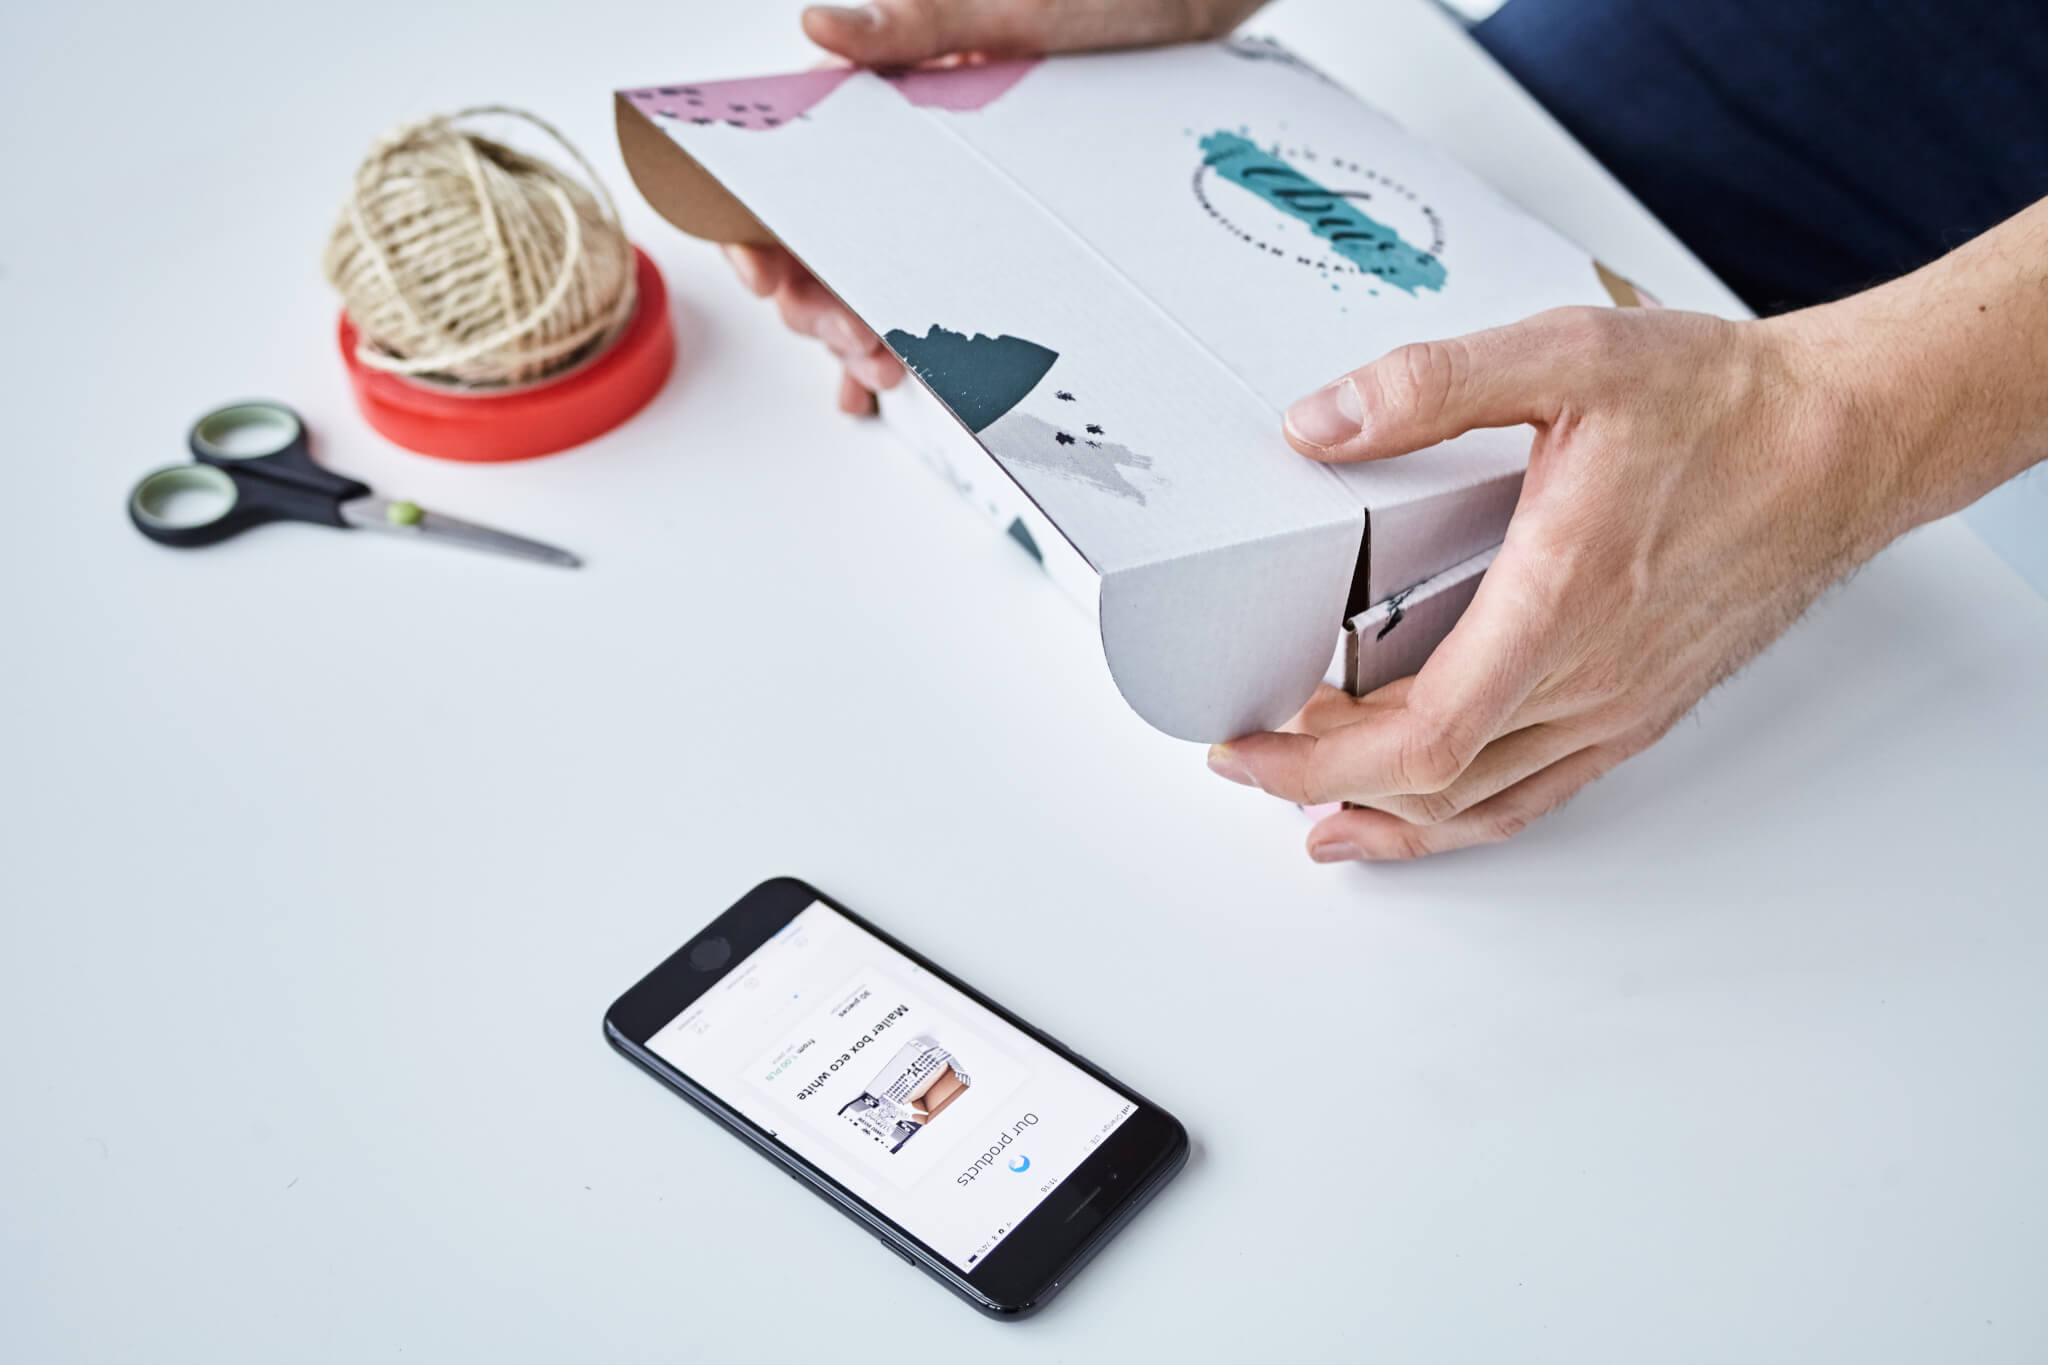 velkoobchodní balicky e-commerce